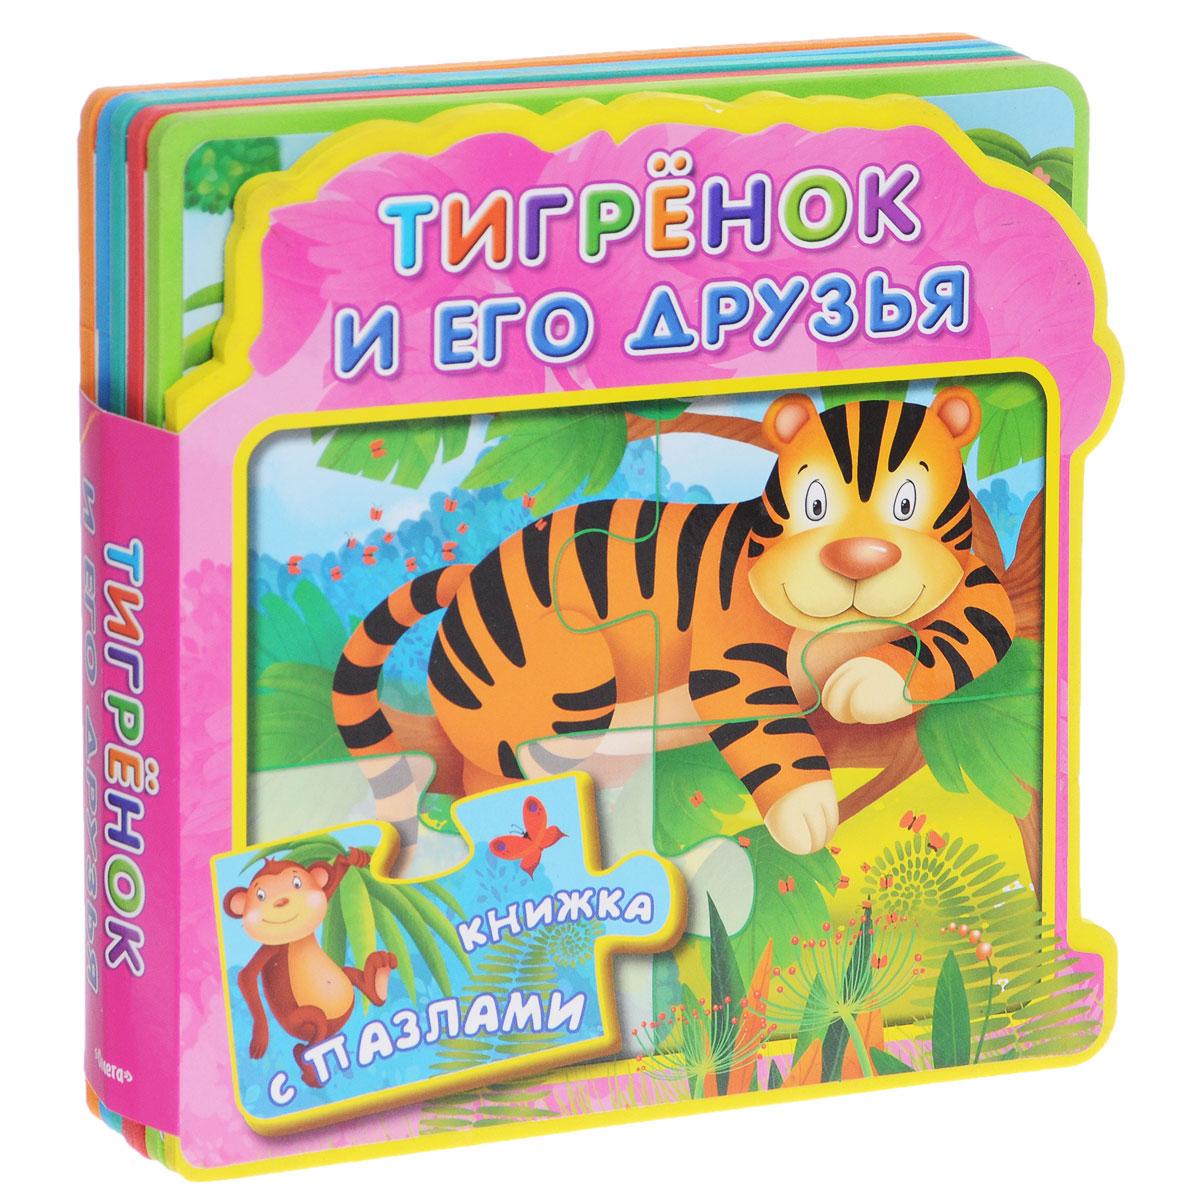 Тигренок и его друзья. Книжка с пазлами12296407Развивающие книги этой серии познакомит вашего малыша с различными видами животных, причем в каждой книге животные нарисованы несколько раз с новыми деталями - для развития внимания, мышления и речи ребенка. Предложите малышу найти отличия и рассказать о них. А еще в каждой книге ребенок сможет собрать 5 картинок из пазлов! Это игровое занятие развивает логическое и абстрактное мышление, память, а также моторику рук. Страницы книги выполнены из вспененного полимера.